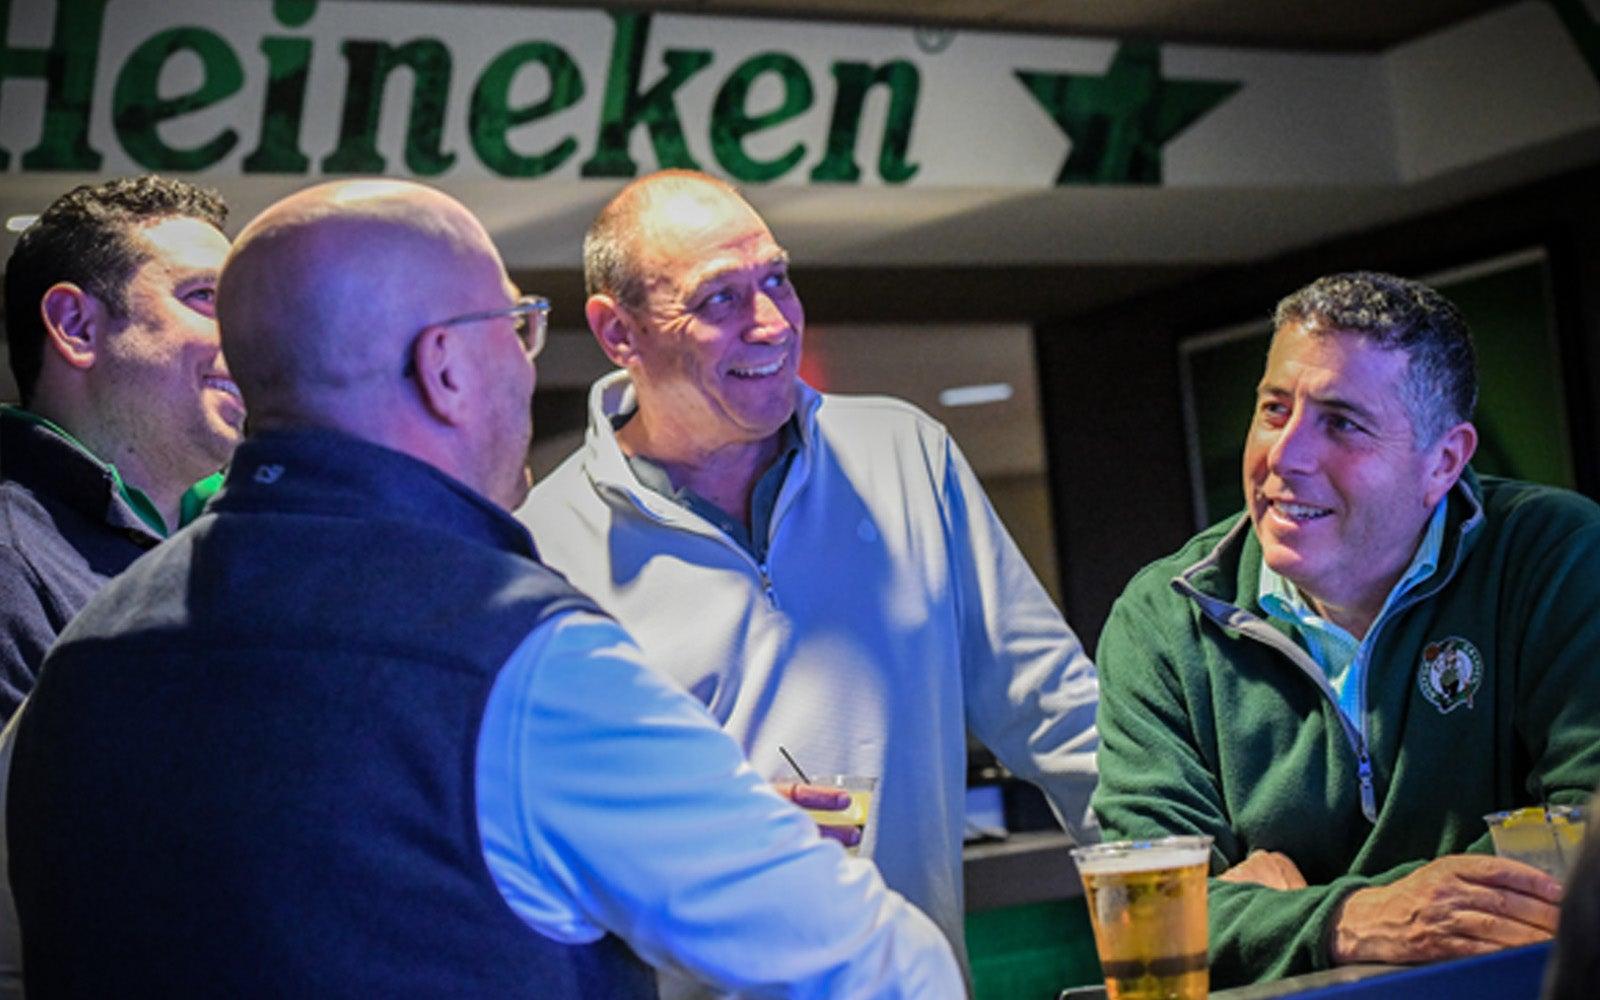 Image of fans talking in the Heineken green room